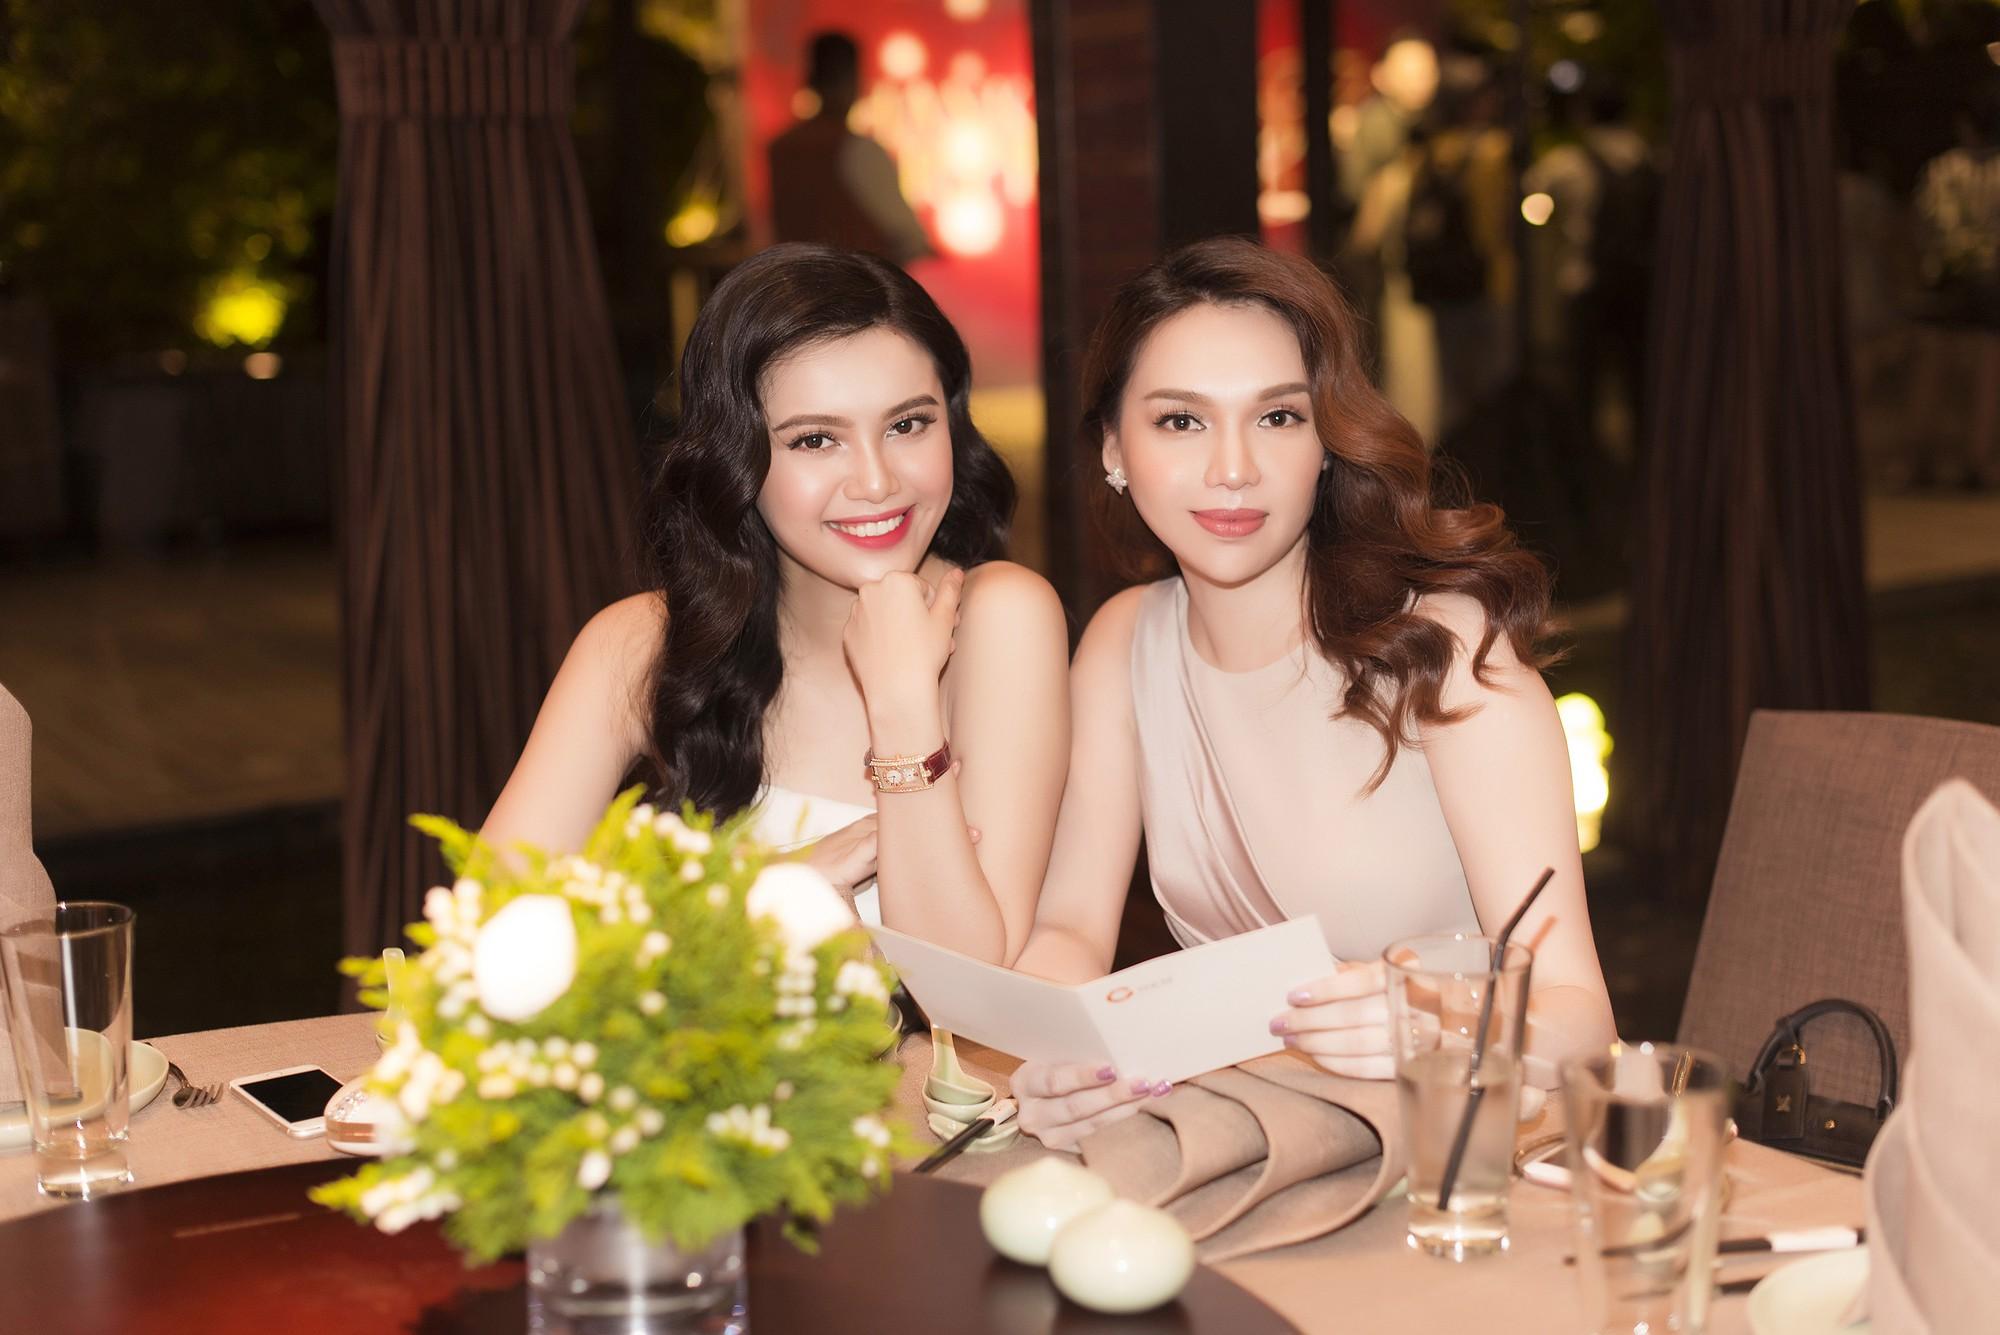 Cặp chị em Hoa hậu Diệu Hân - Á hậu Diệu Thùy rạng rỡ khoe sắc tại sự kiện - Ảnh 5.